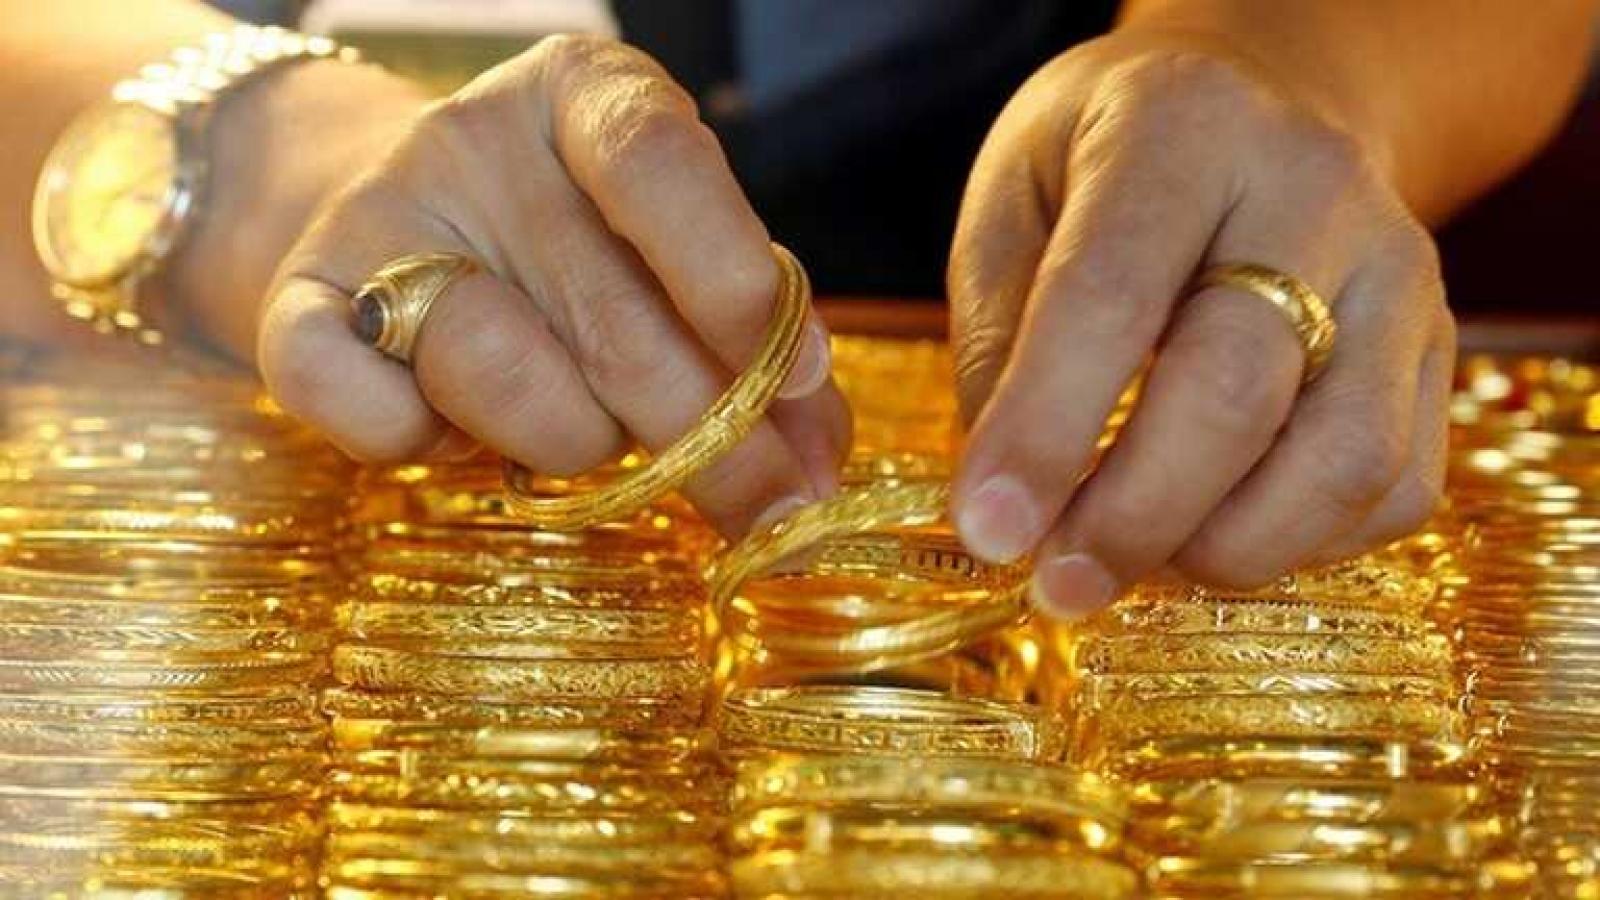 Giá vàng trong nước tăng nhẹ, ngược chiều với vàng thế giới